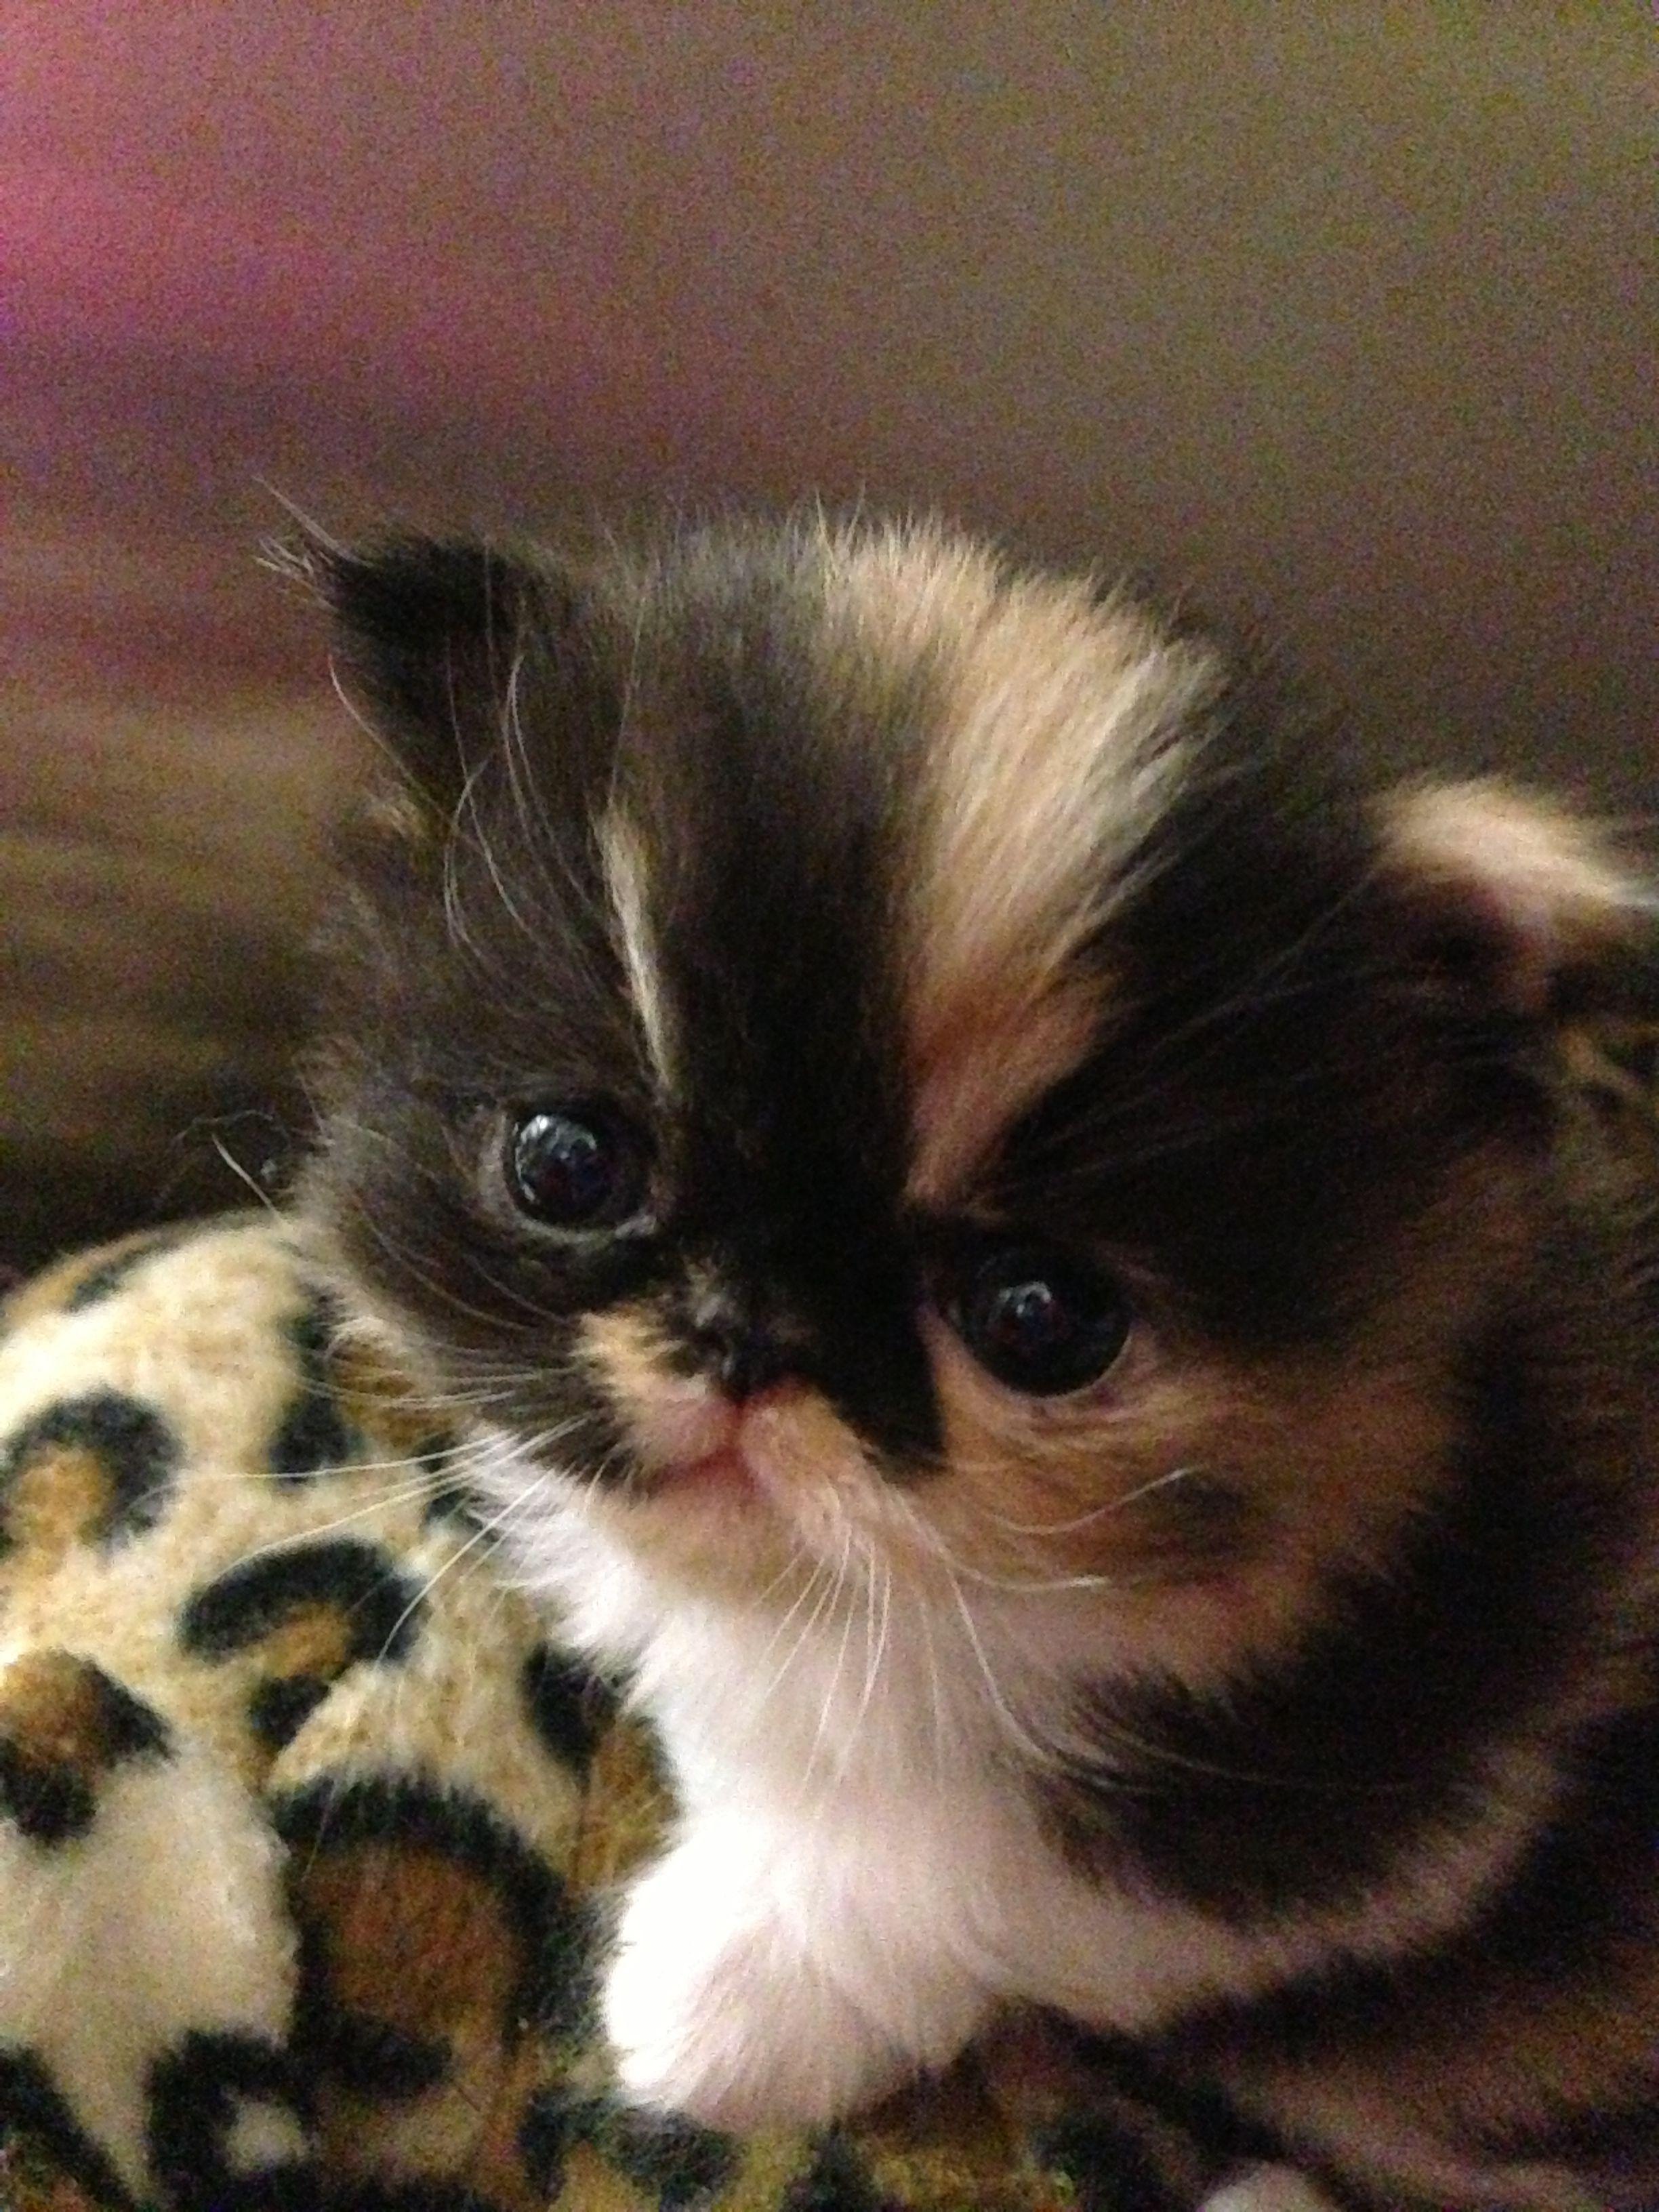 Whys Dids De Monkey Fallz Outta De Tree Cuz He Wuz Dead With Images Kittens Cutest Cute Cats Cute Animals